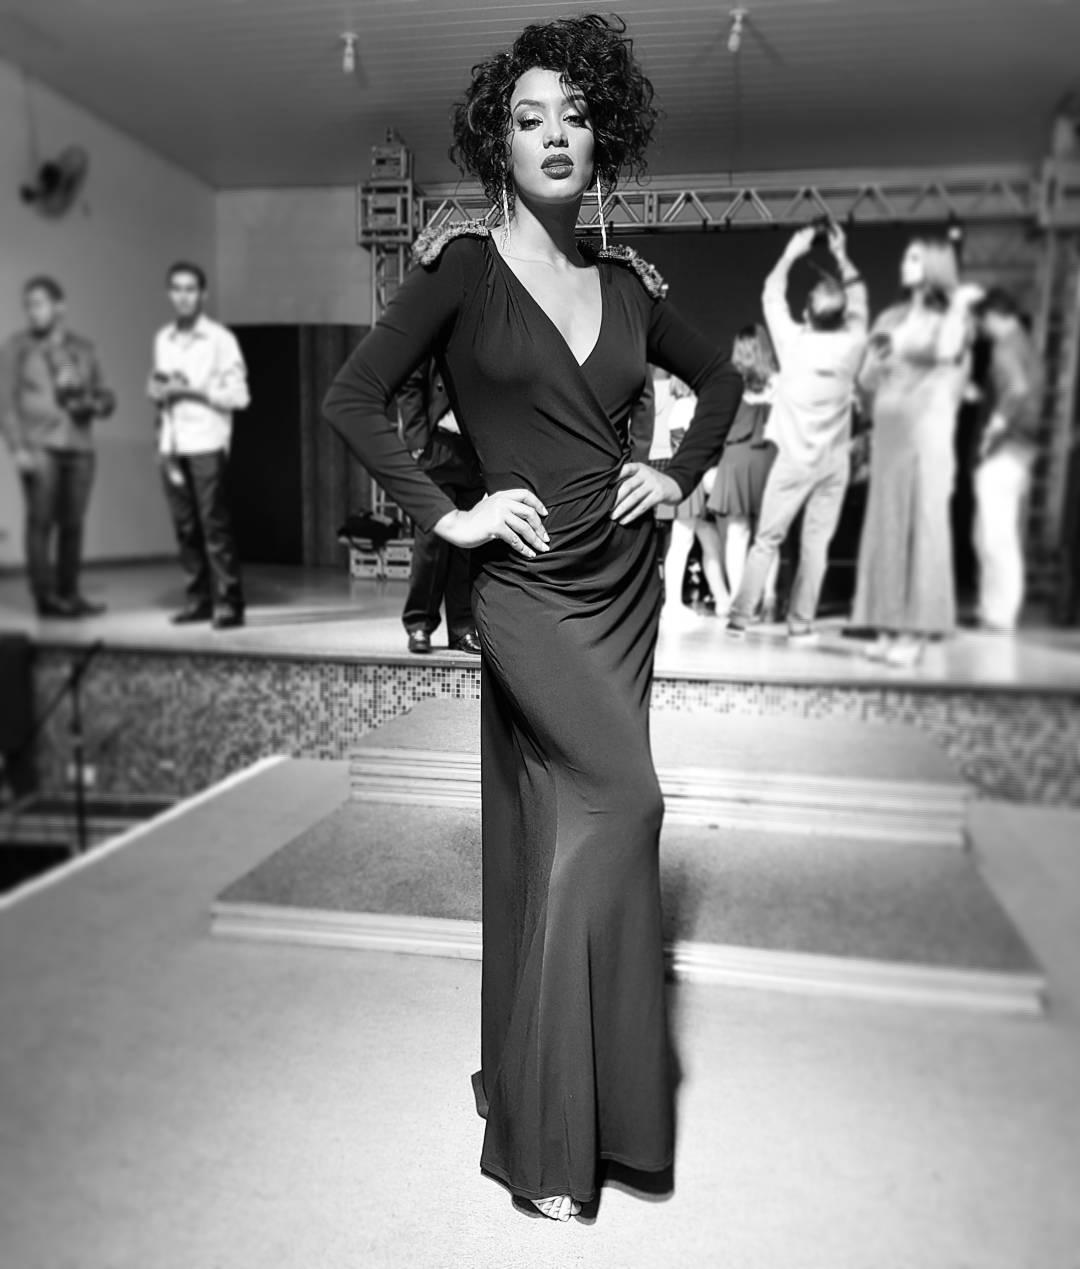 raissa santana, top 13 de miss universe 2016. - Página 54 Hmd4nxxl